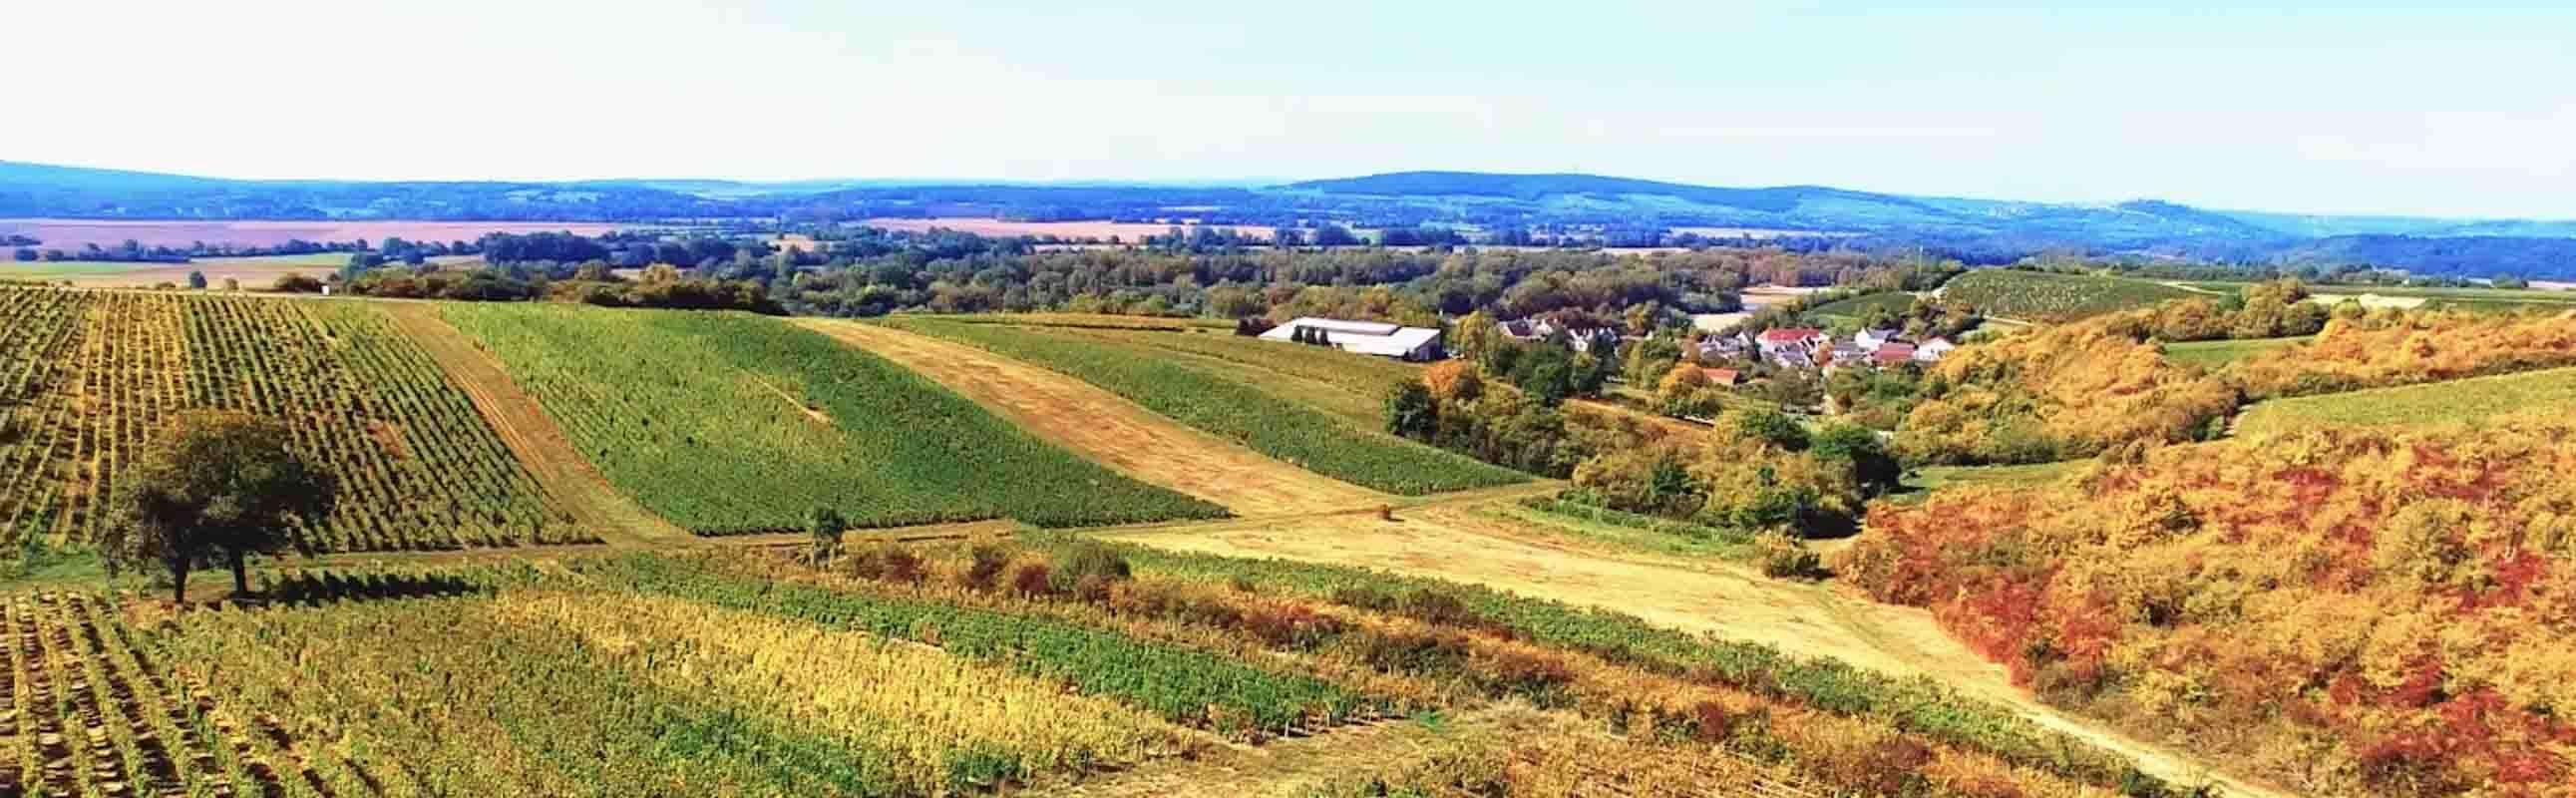 plaine Nièvre film aérien drone